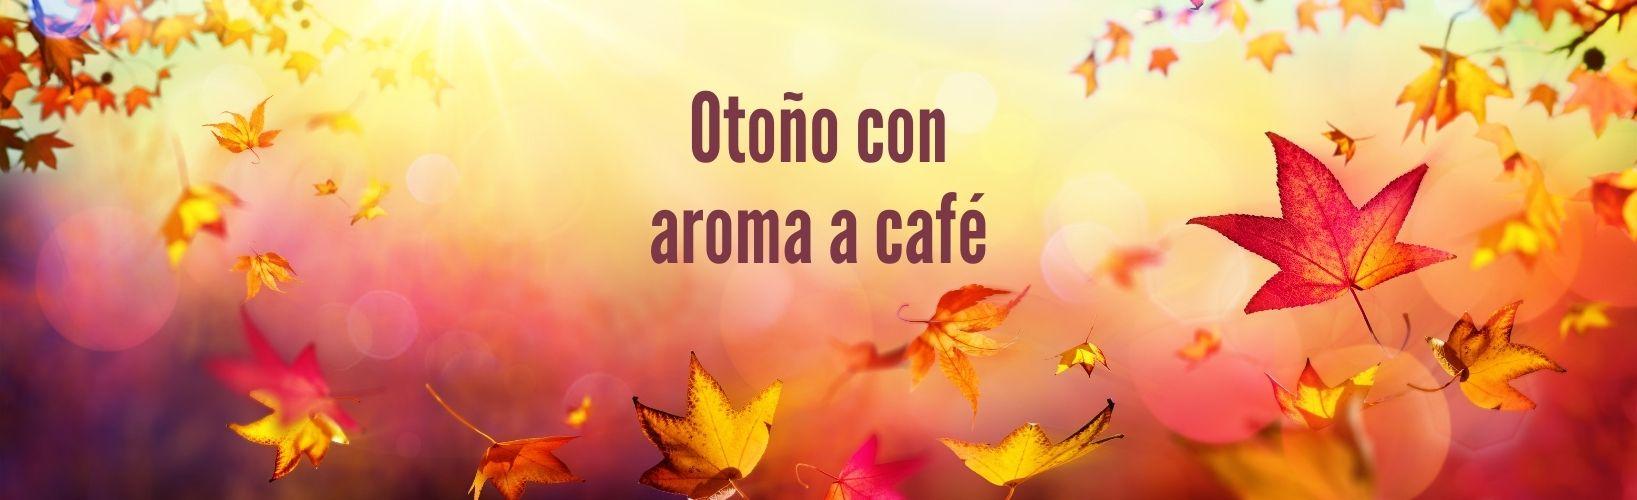 Tienda Otoño con sabor a Cafe